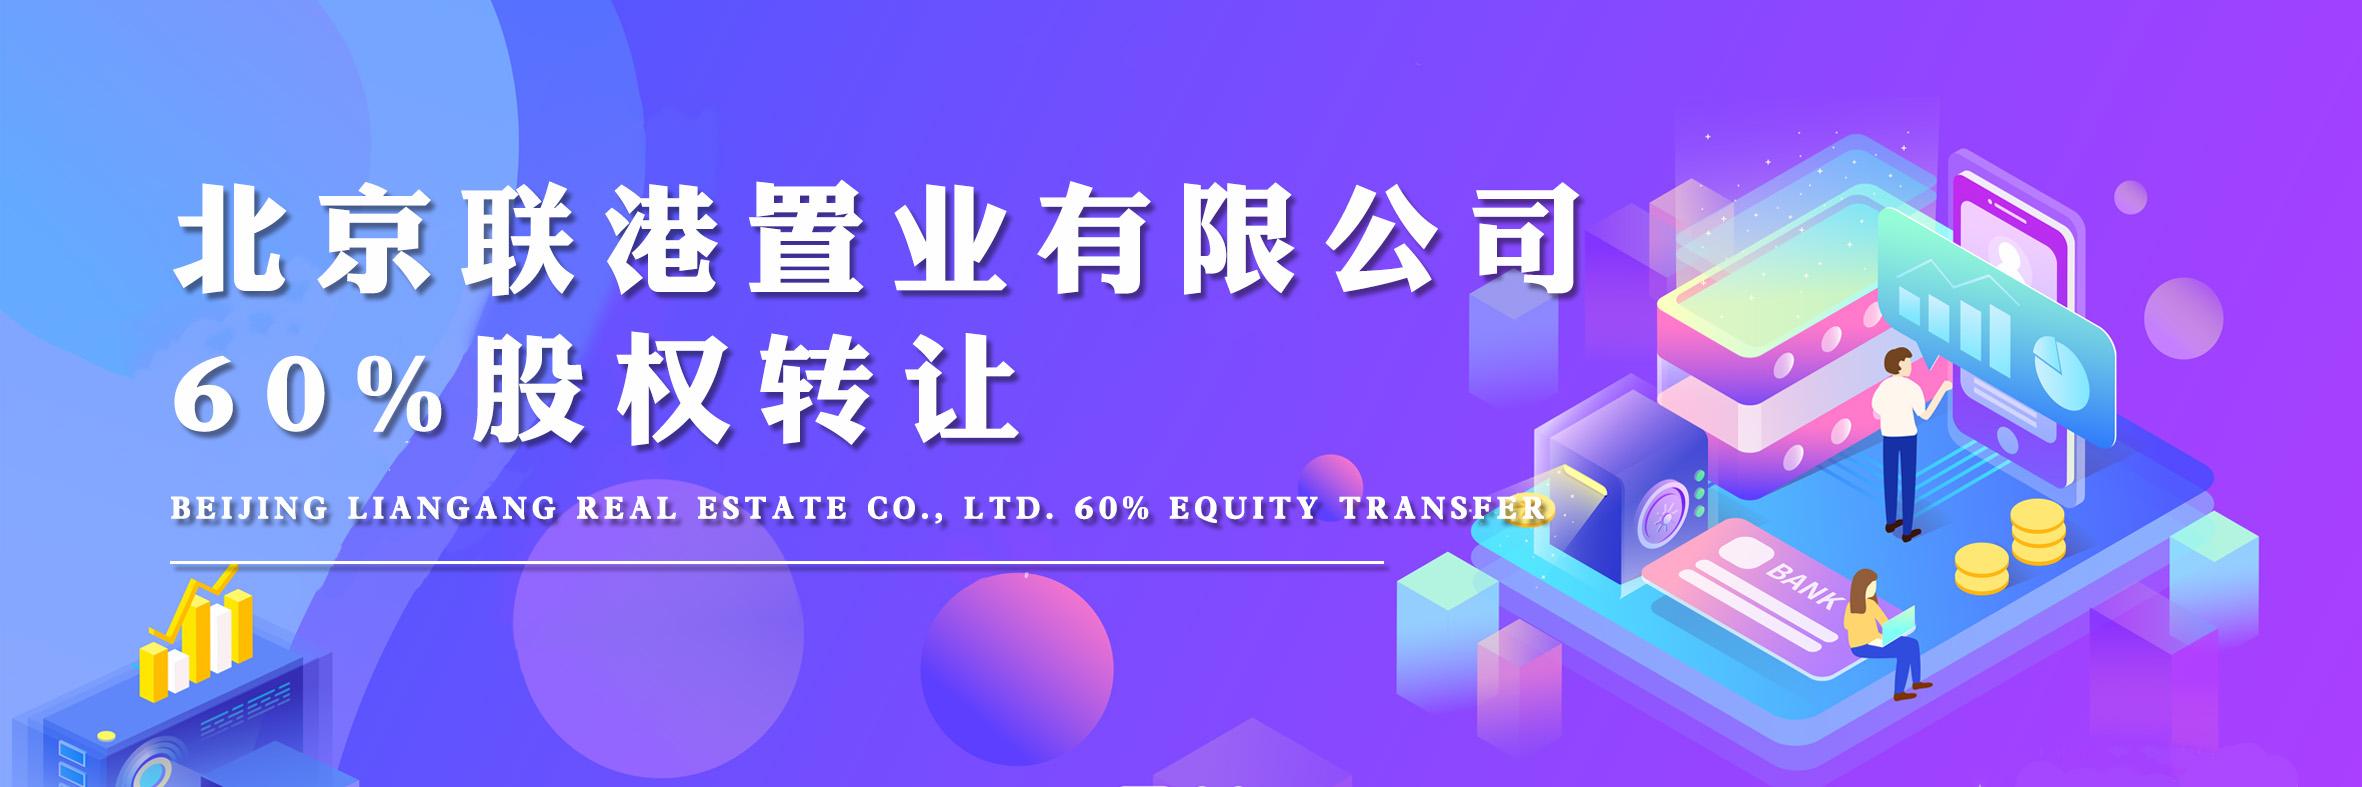 北京联港置业有限公司60%股权转让